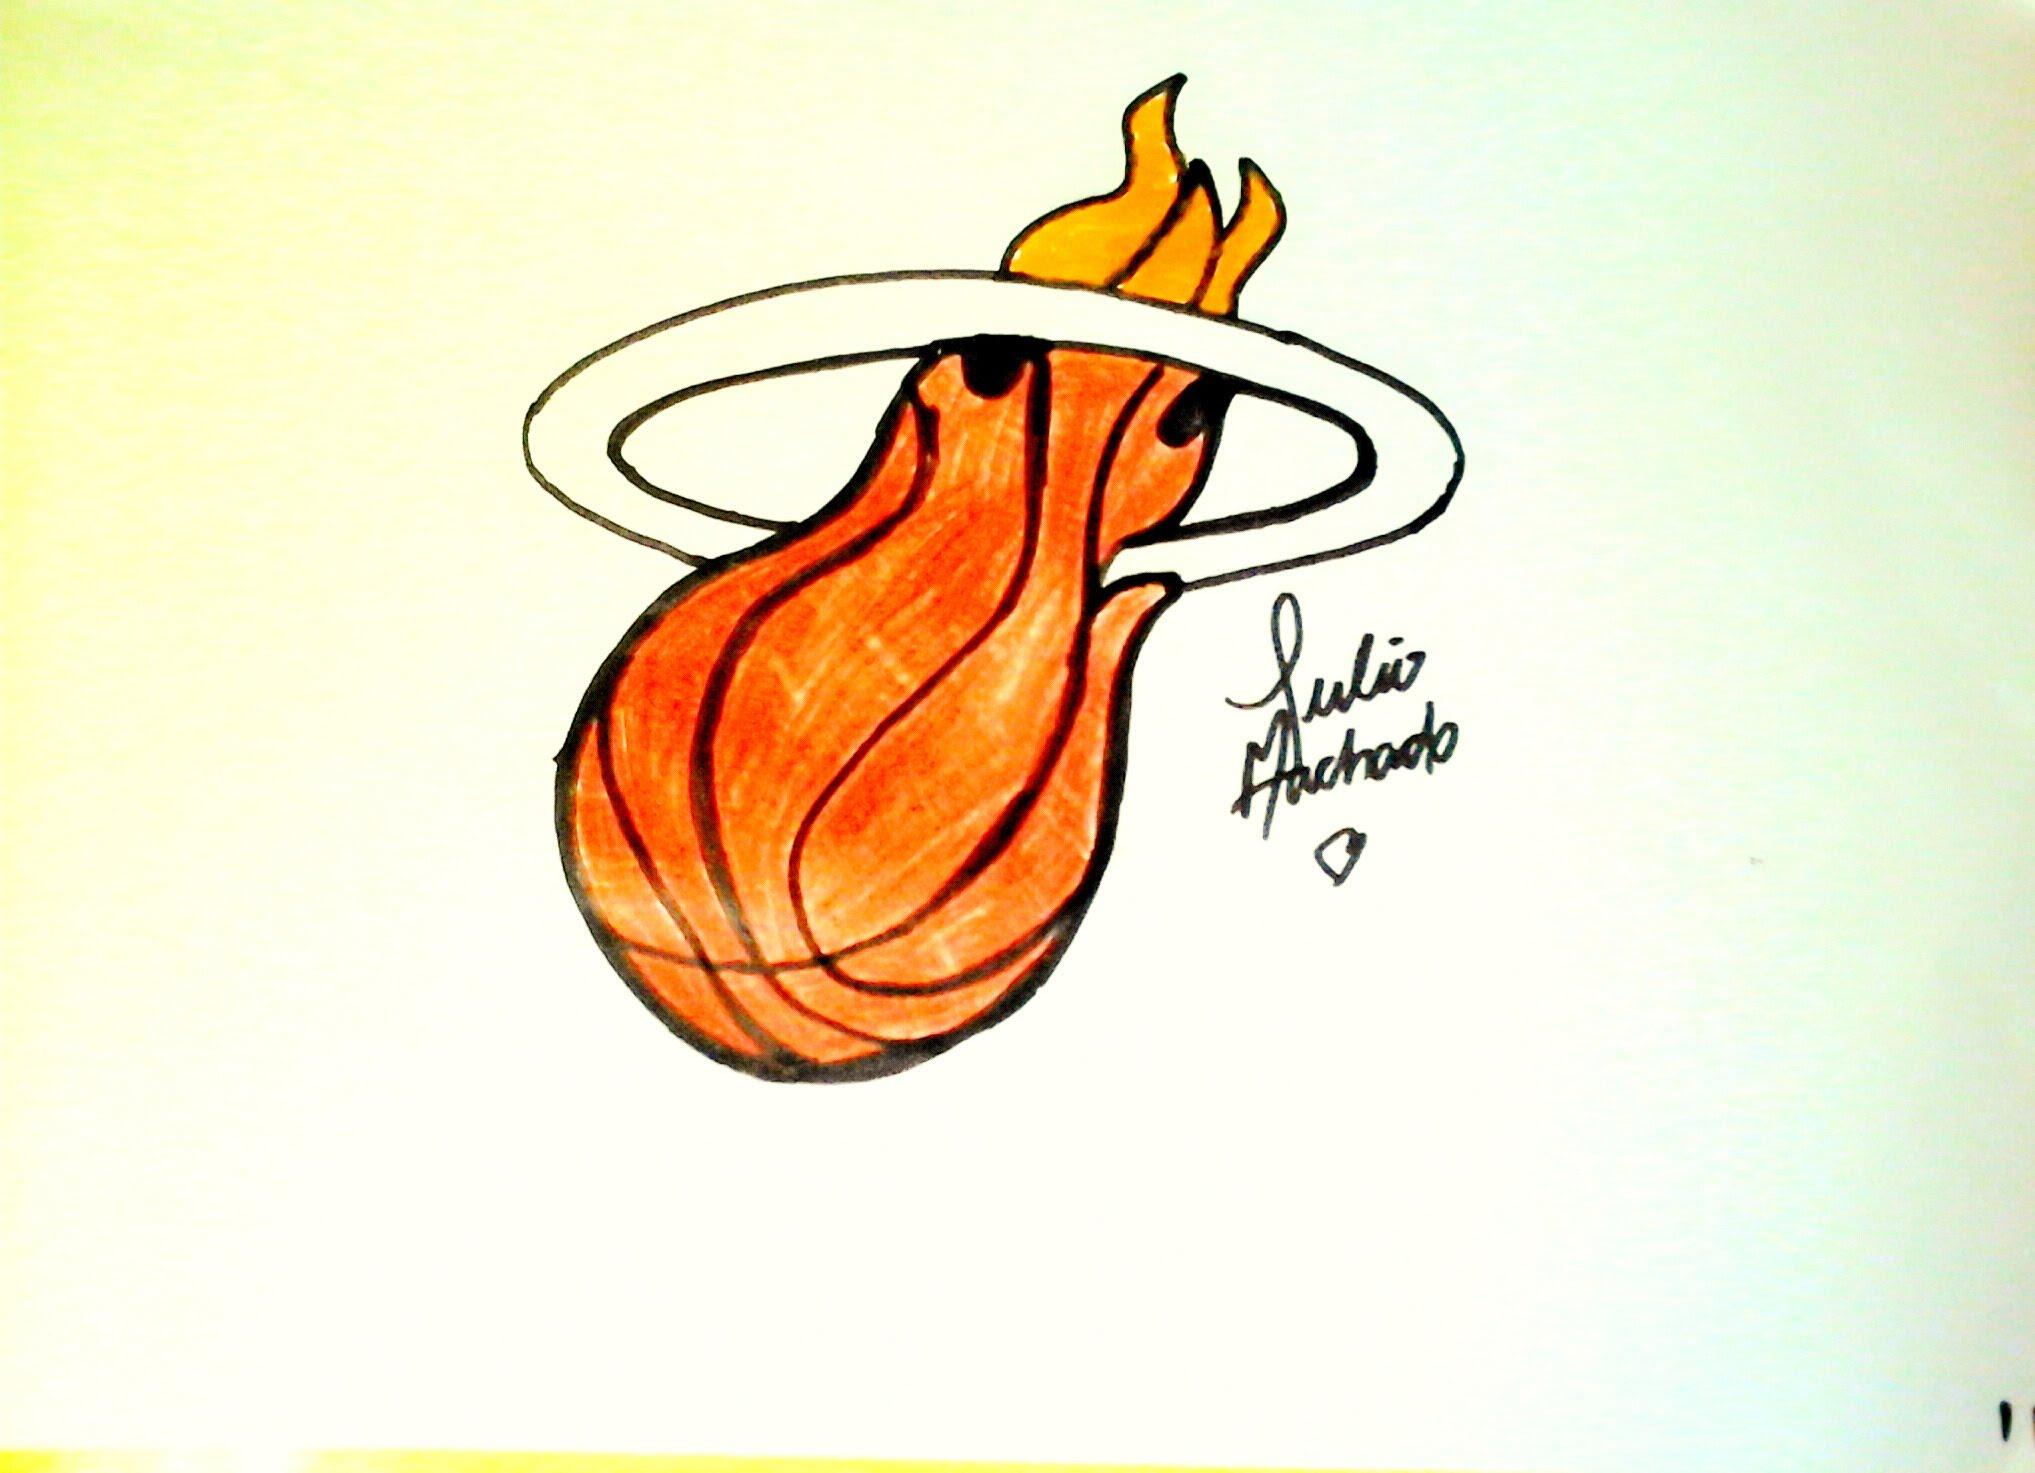 2035x1473 Nba] How To Draw Miami Heat Logo